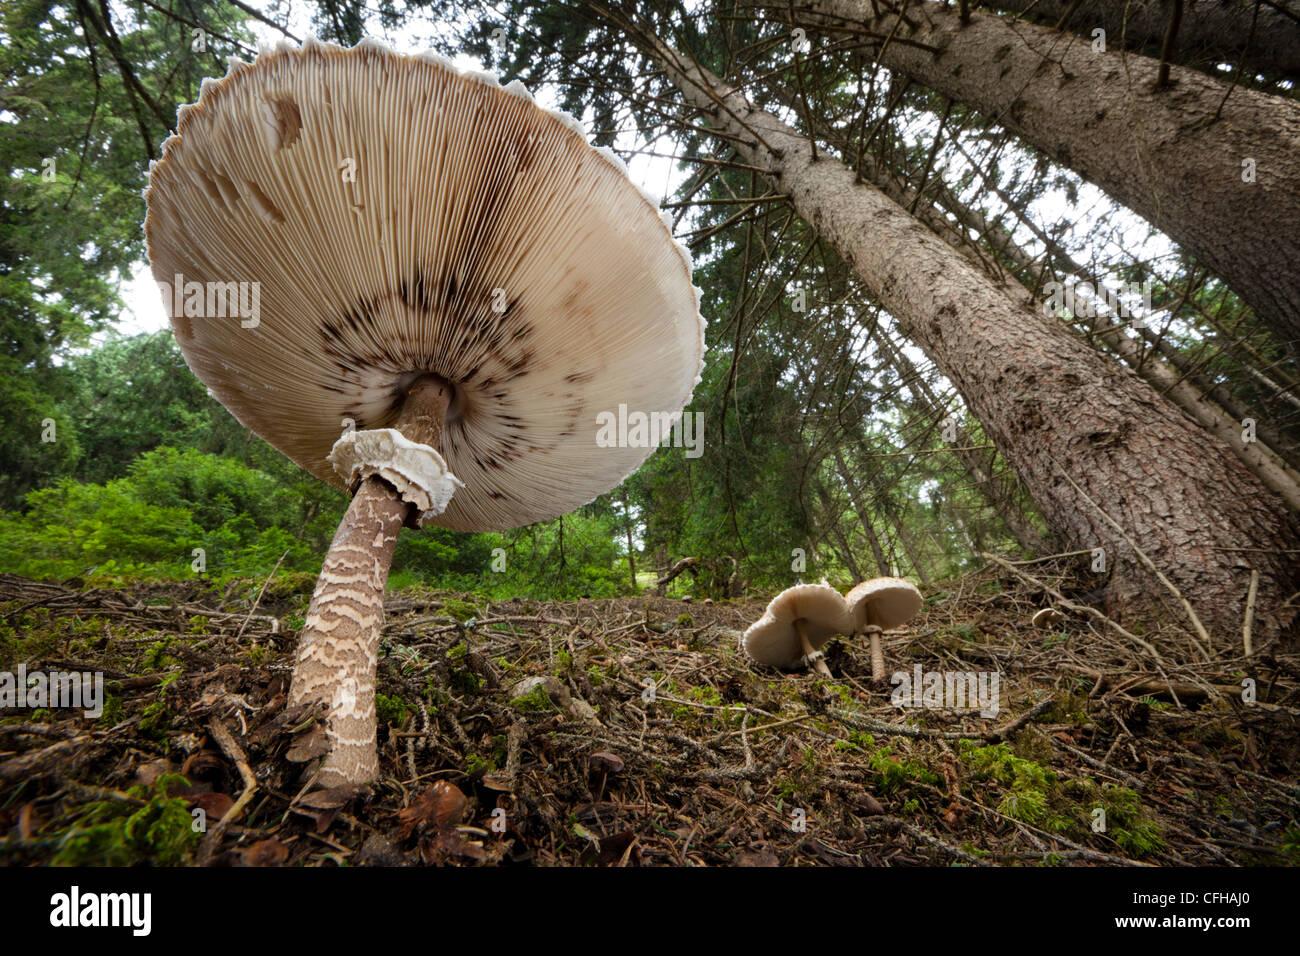 Ombrellone di funghi nei boschi di pino, Tirol, Alpi austriache. Immagini Stock